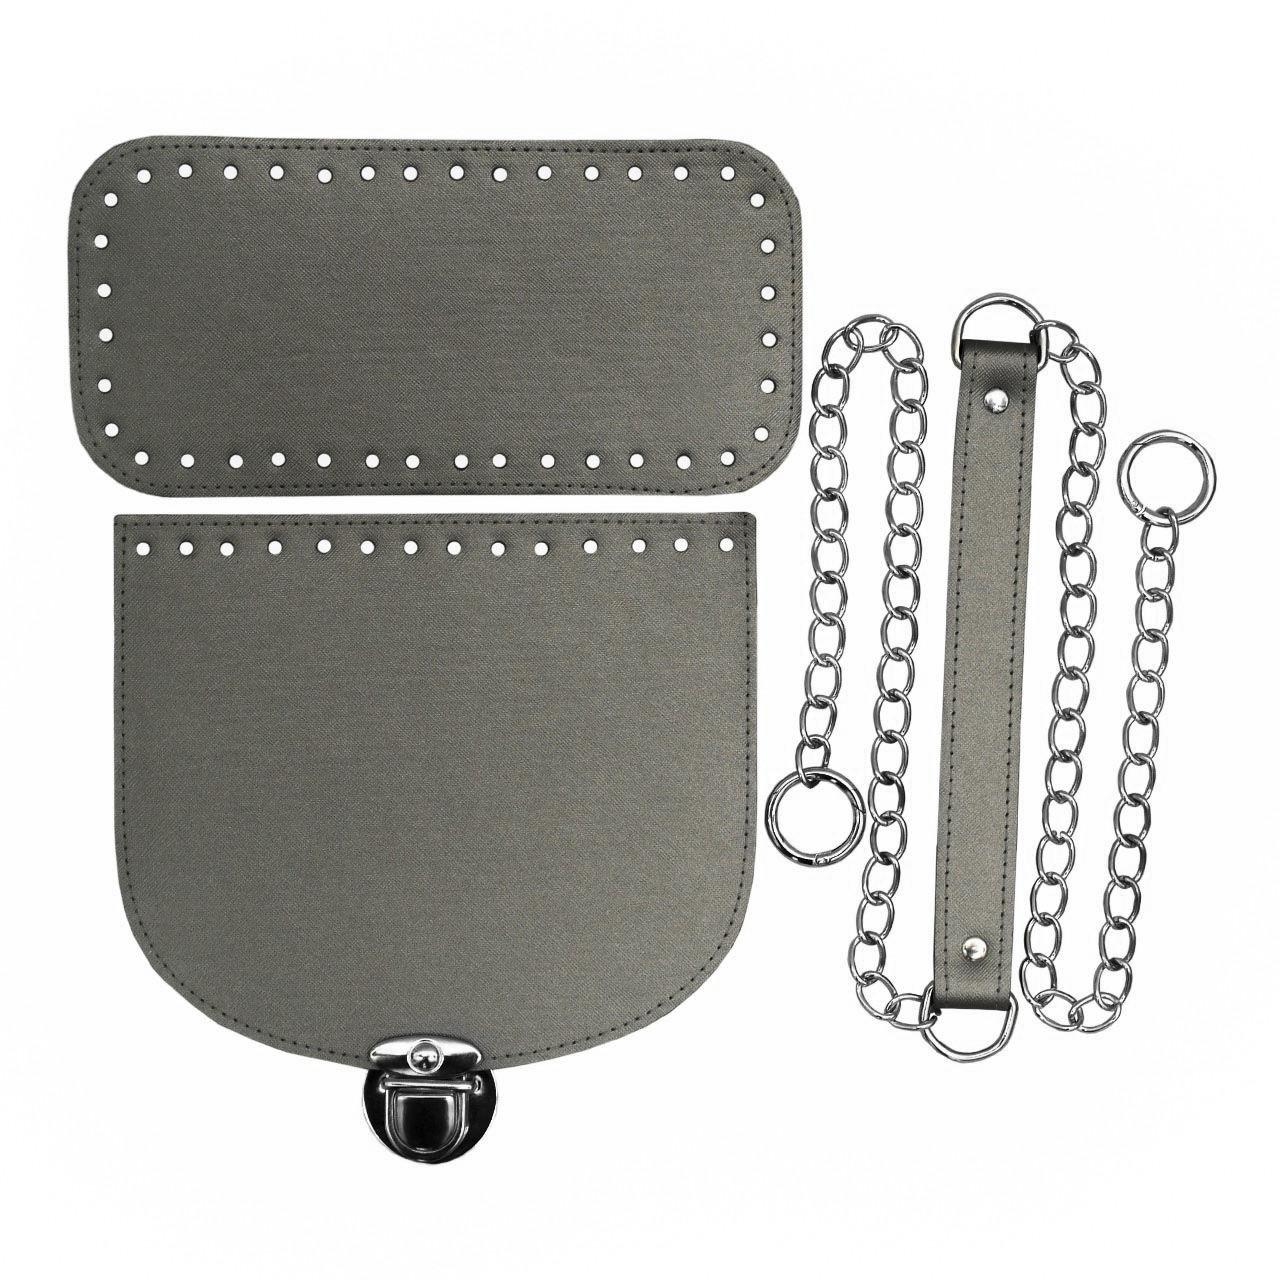 Набір для сумки екокожа Металік (4 позиції) на ланцюжку з кільцями-карабінами фурнітура срібло